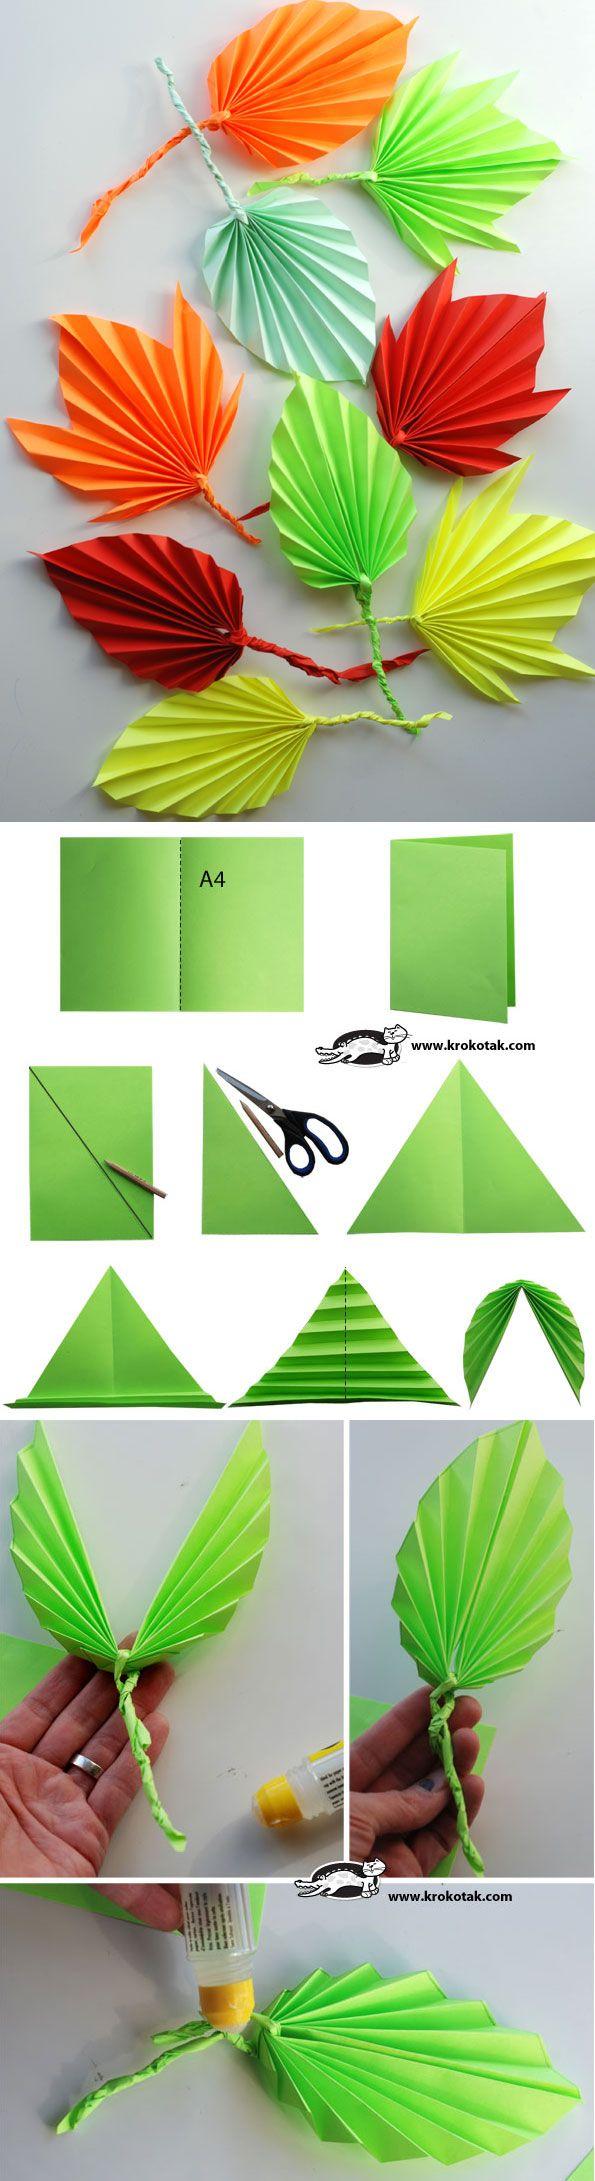 Как лист сделать разноцветным